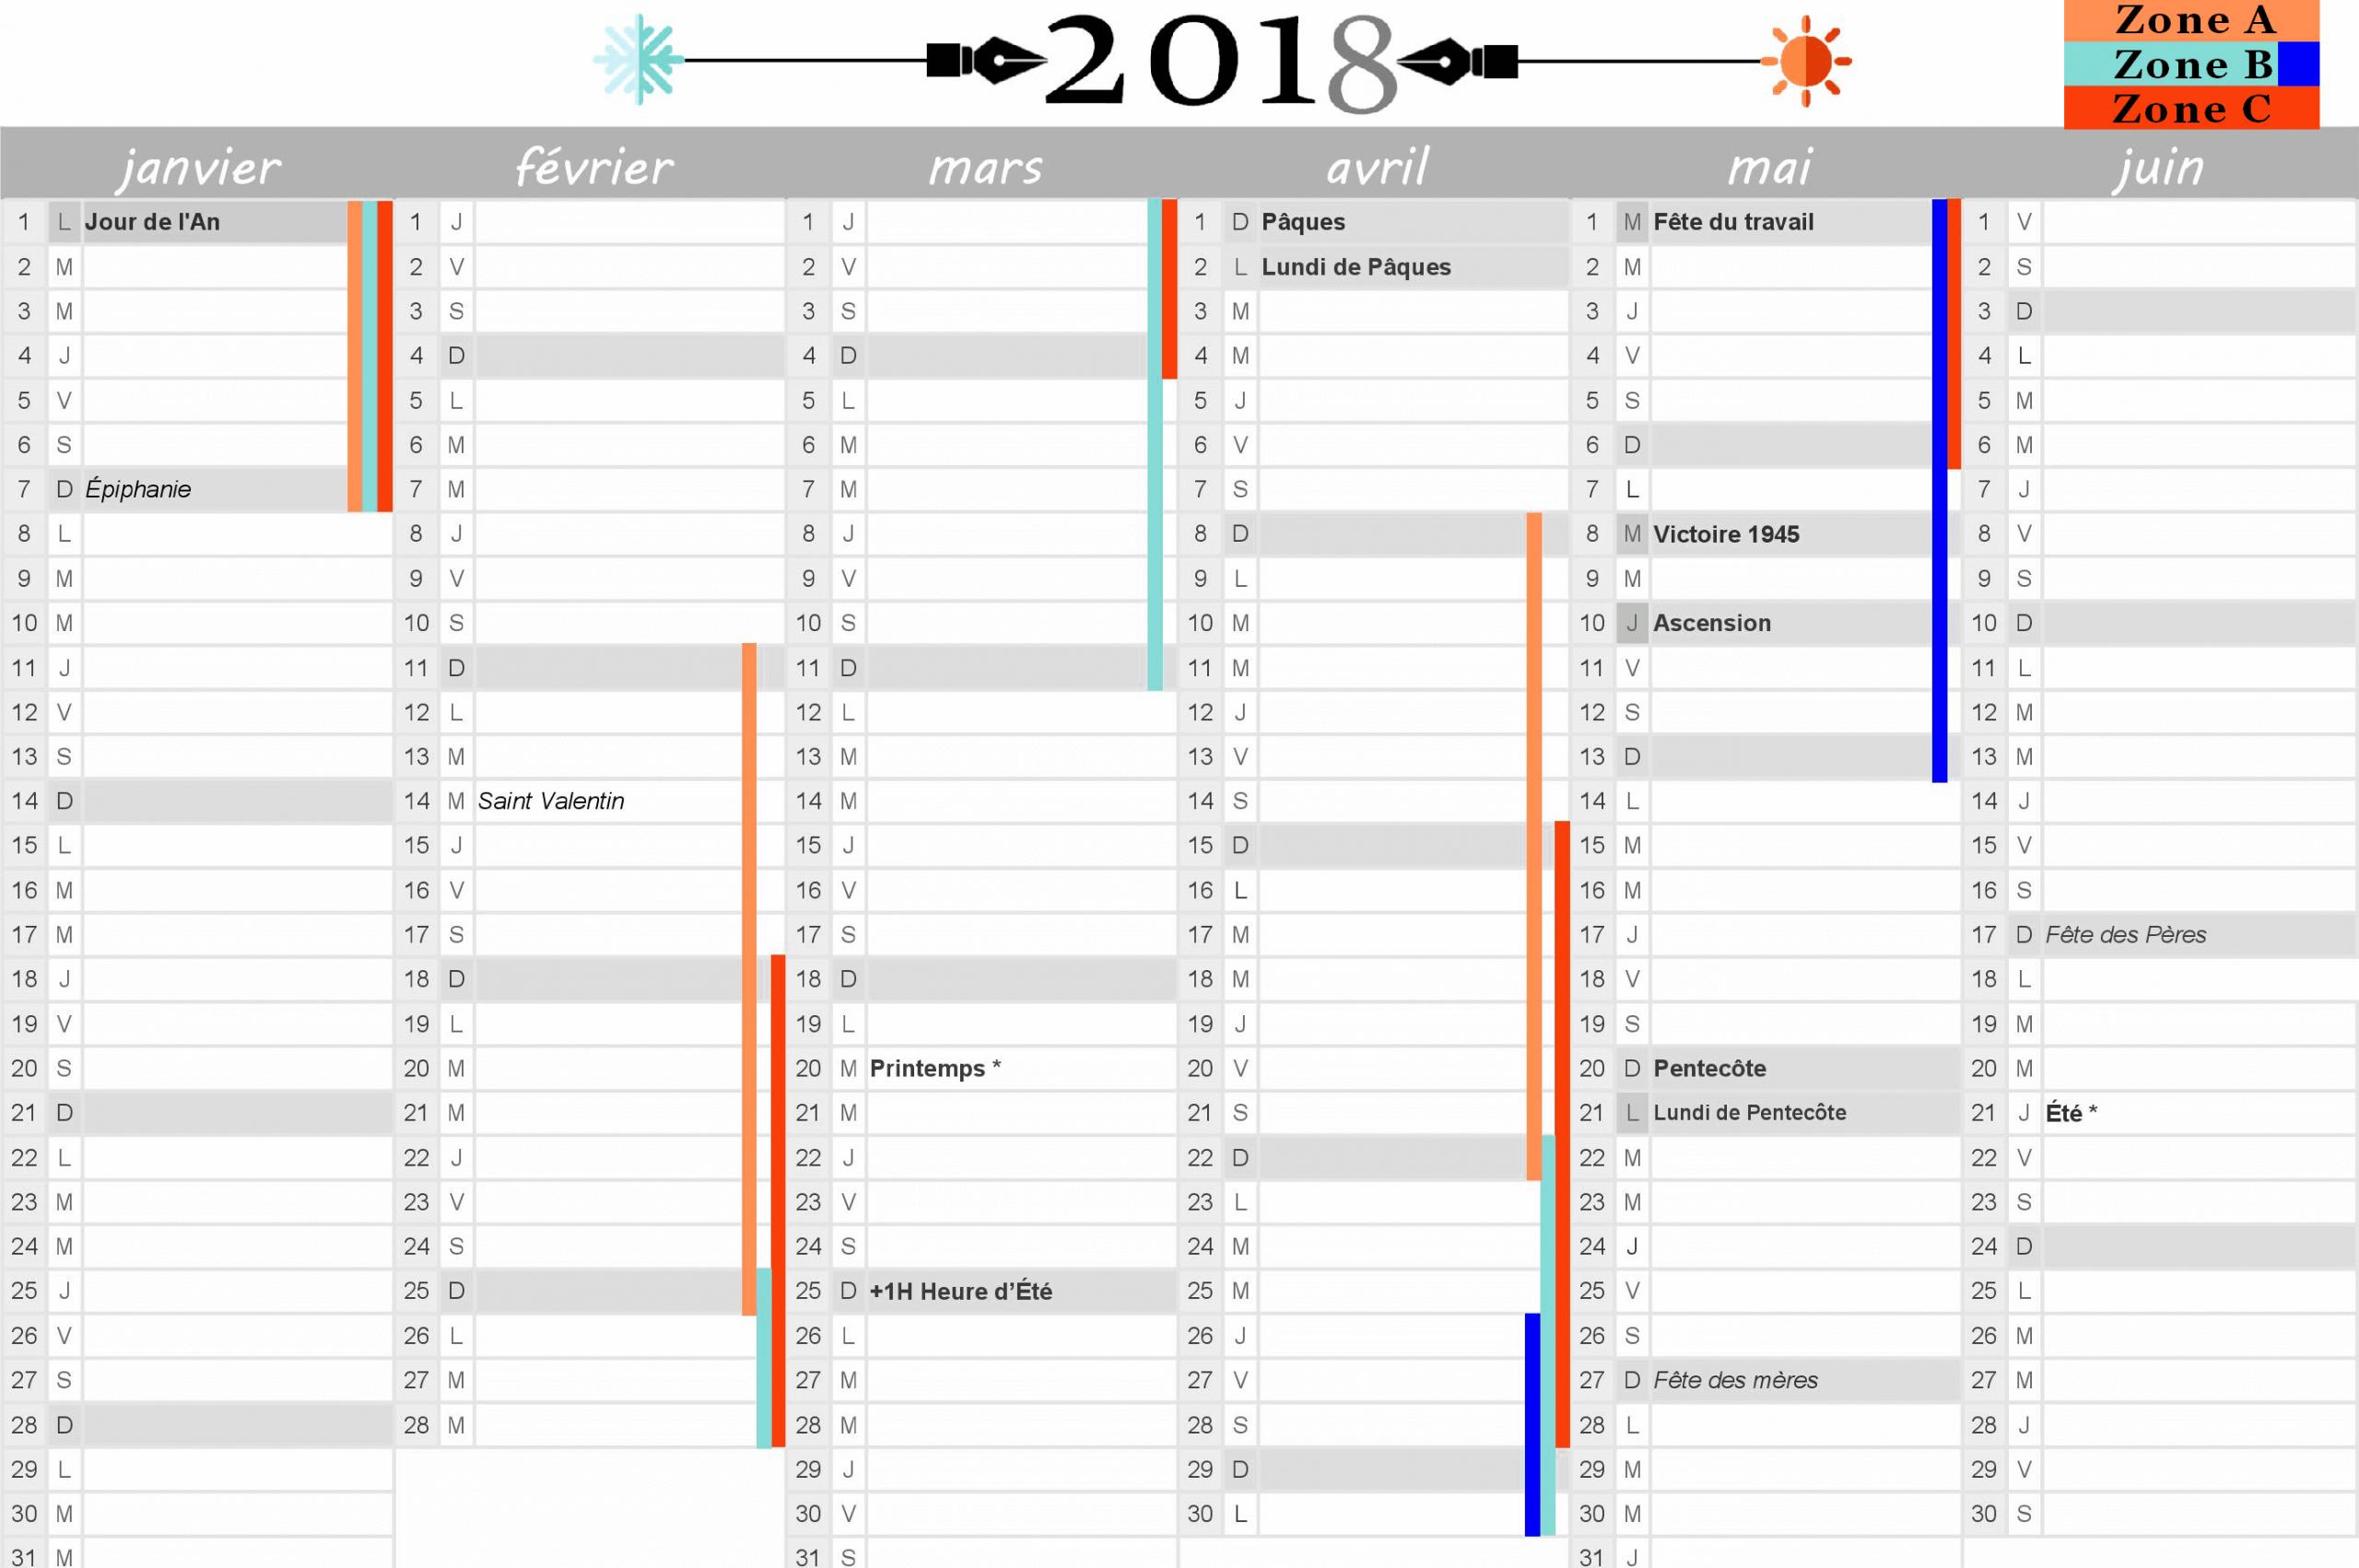 Calendrier 2018 : Vacances Scolaires Et Jours Fériés Inclus dedans Calendrier 2018 Avec Jours Fériés Vacances Scolaires À Imprimer